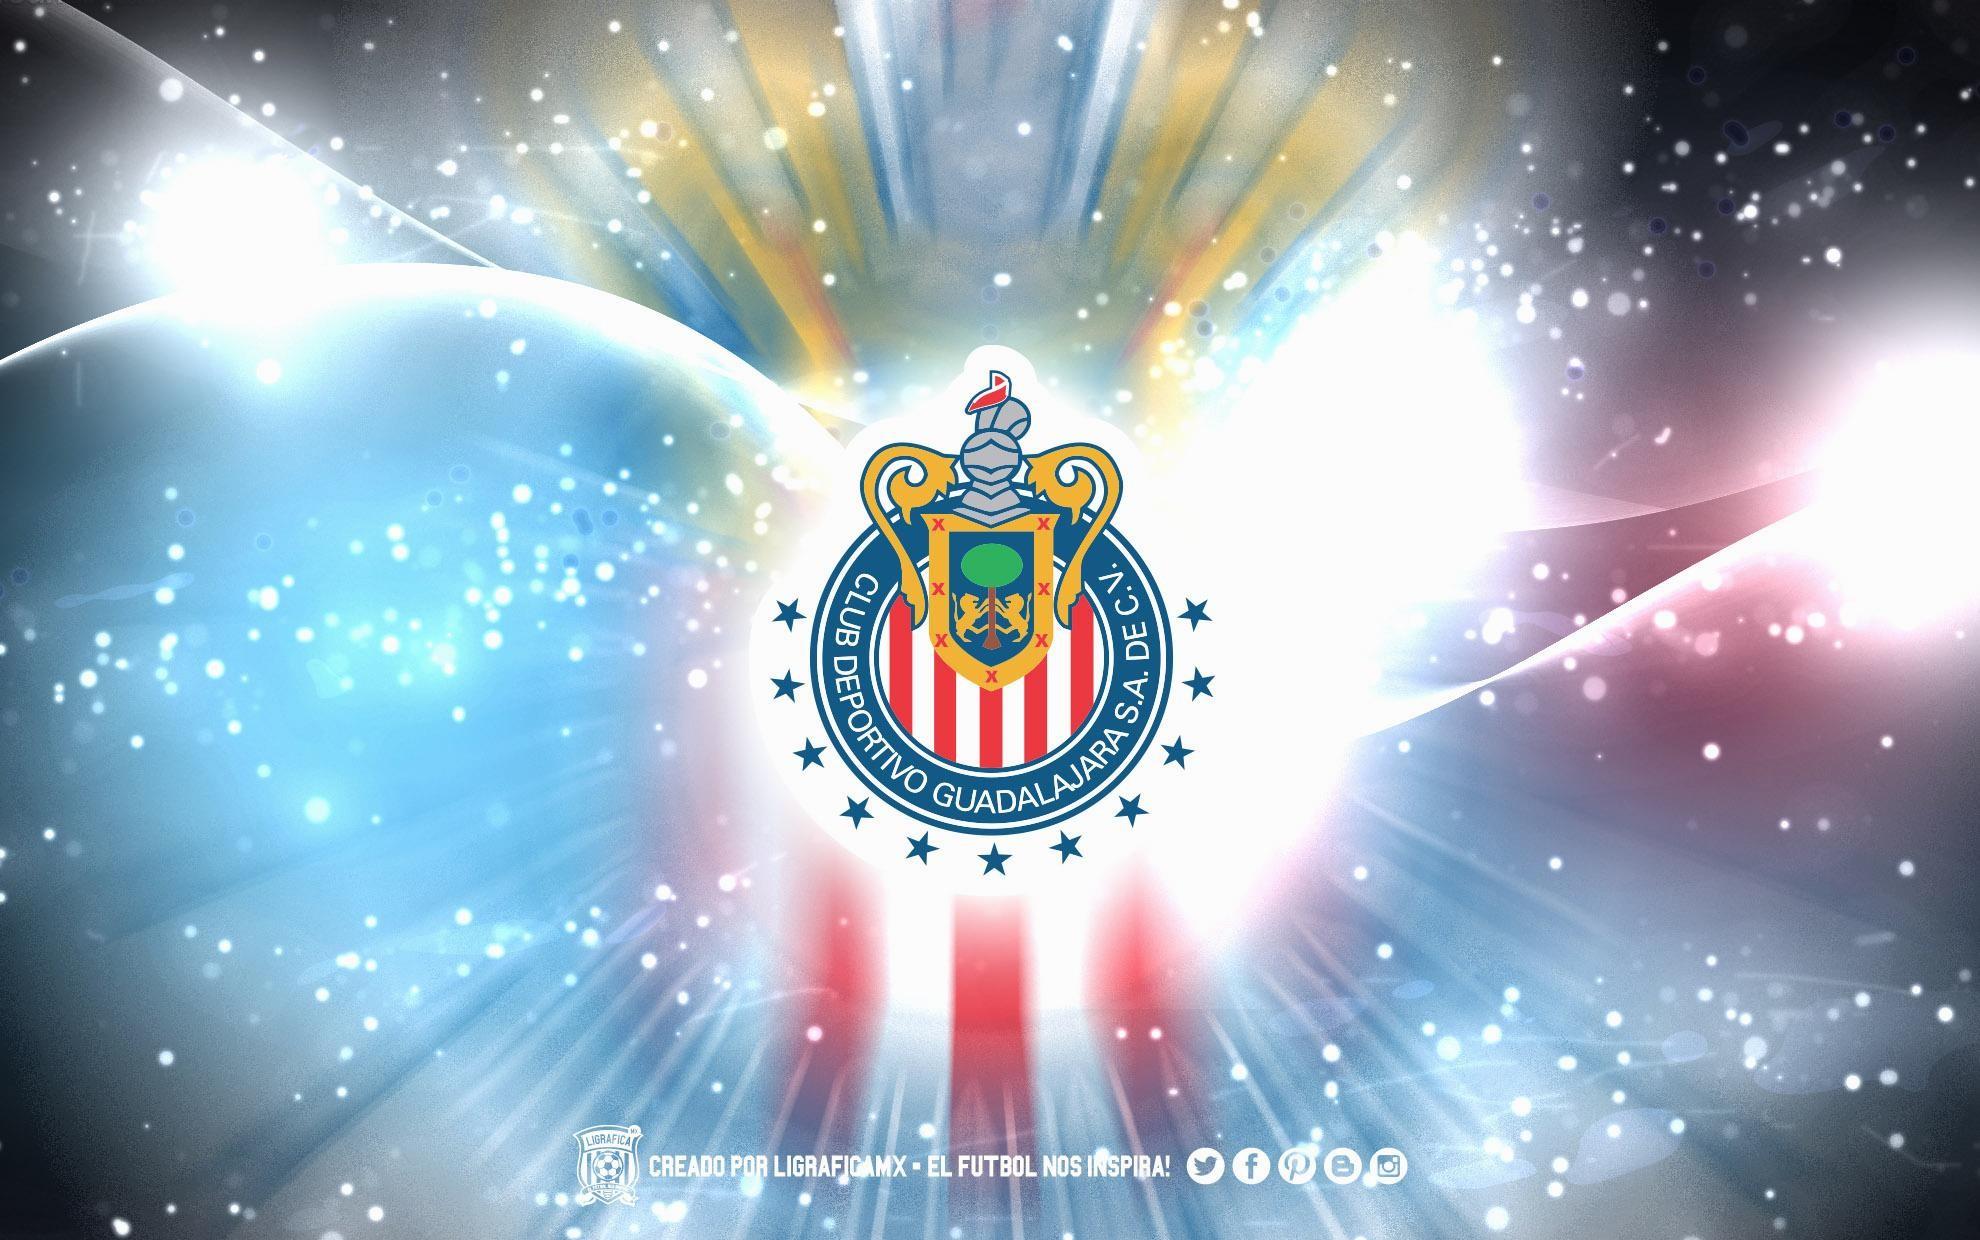 Chivas-LigraficaMX-14-04-15CTG-wallpaper